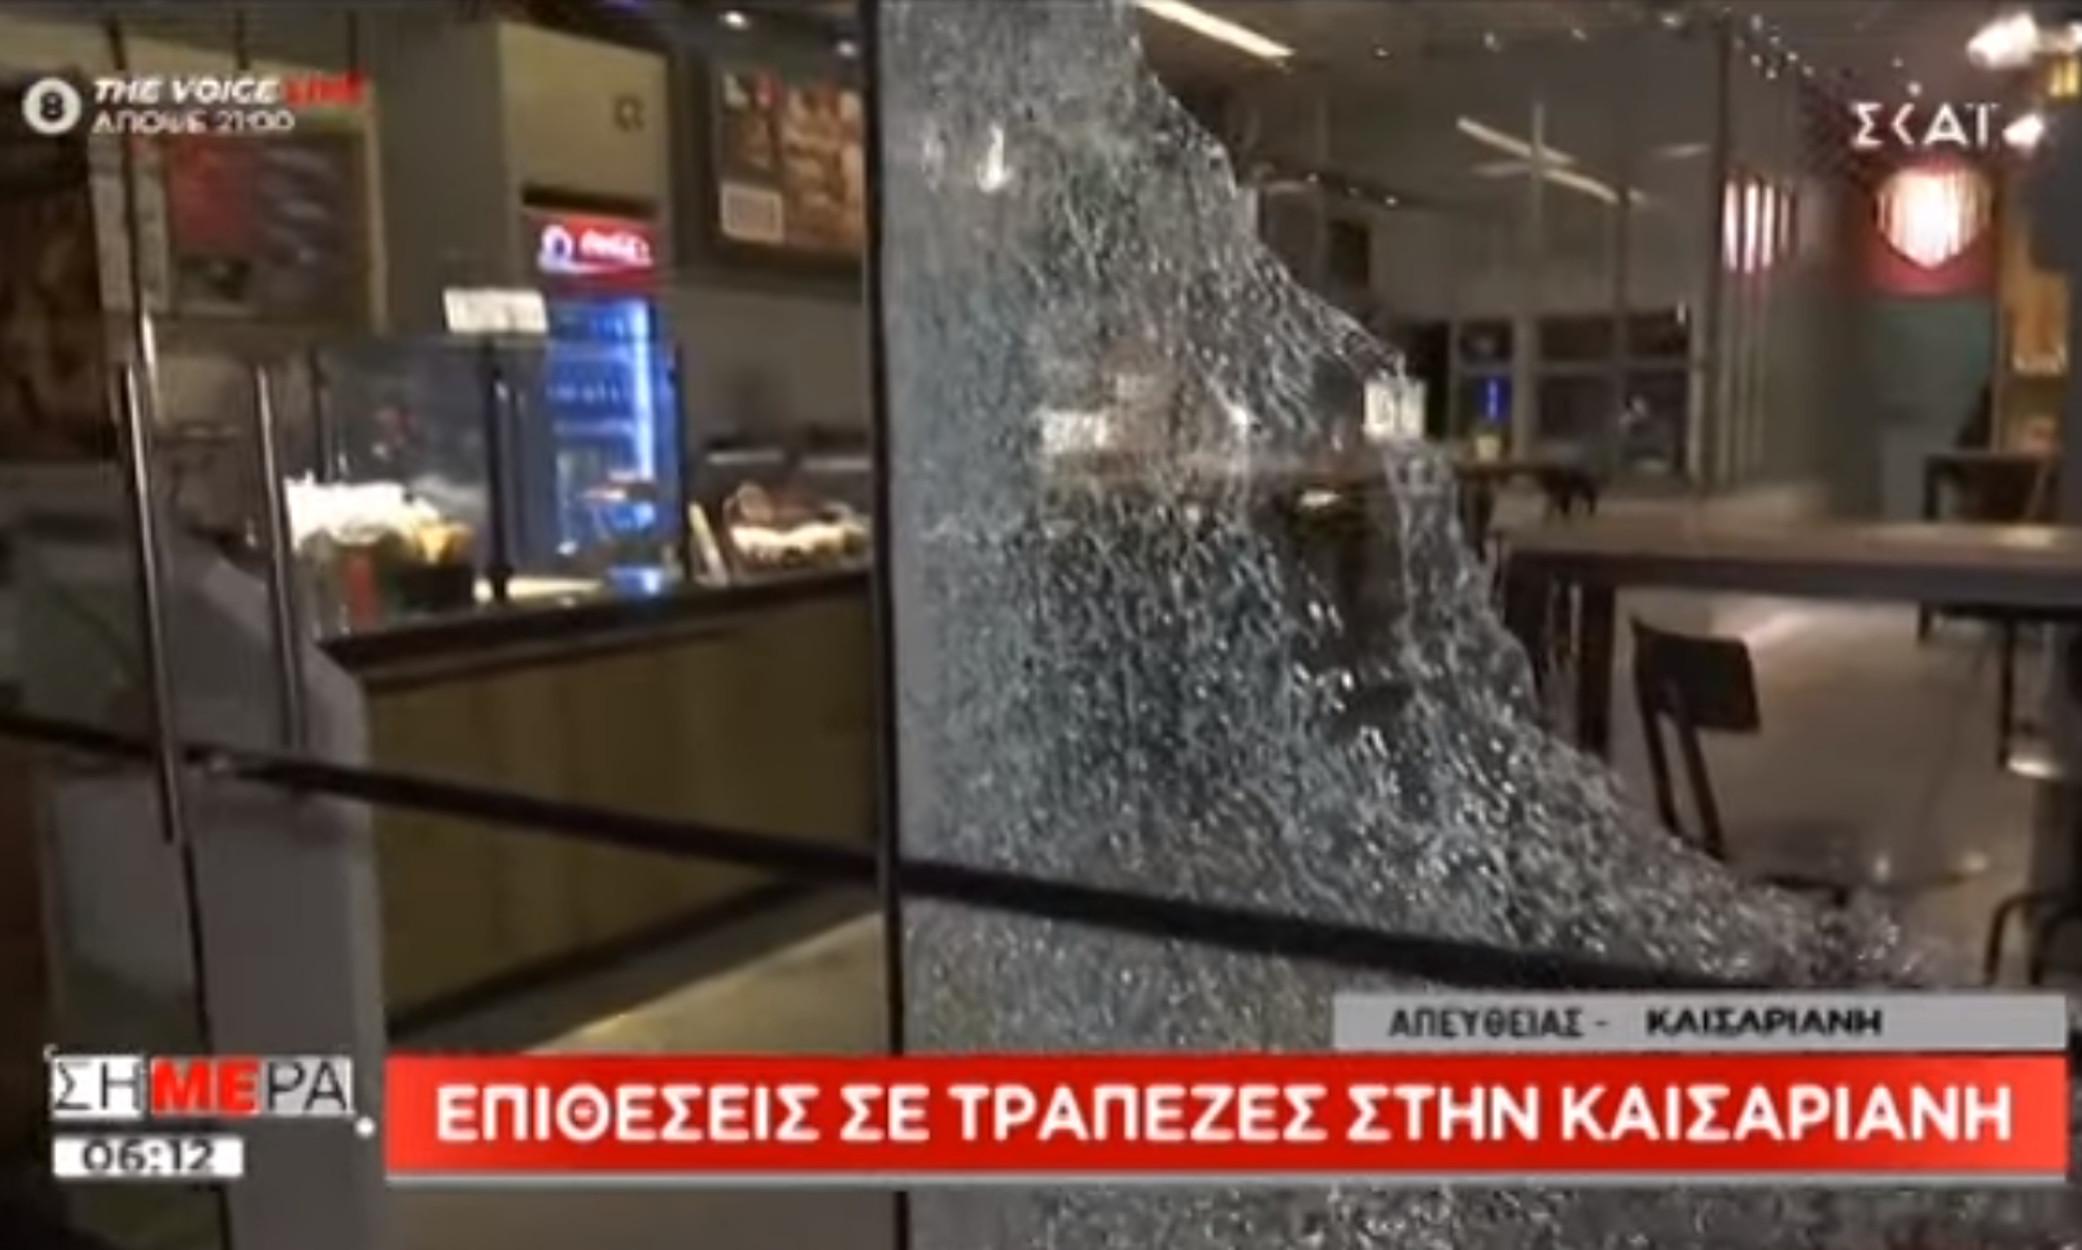 Αντιεξουσιαστές πήραν... σβάρνα 2 τράπεζες και fast food στην Καισαριανή- Τα 'σπασαν και πέταξαν Τρικάκια